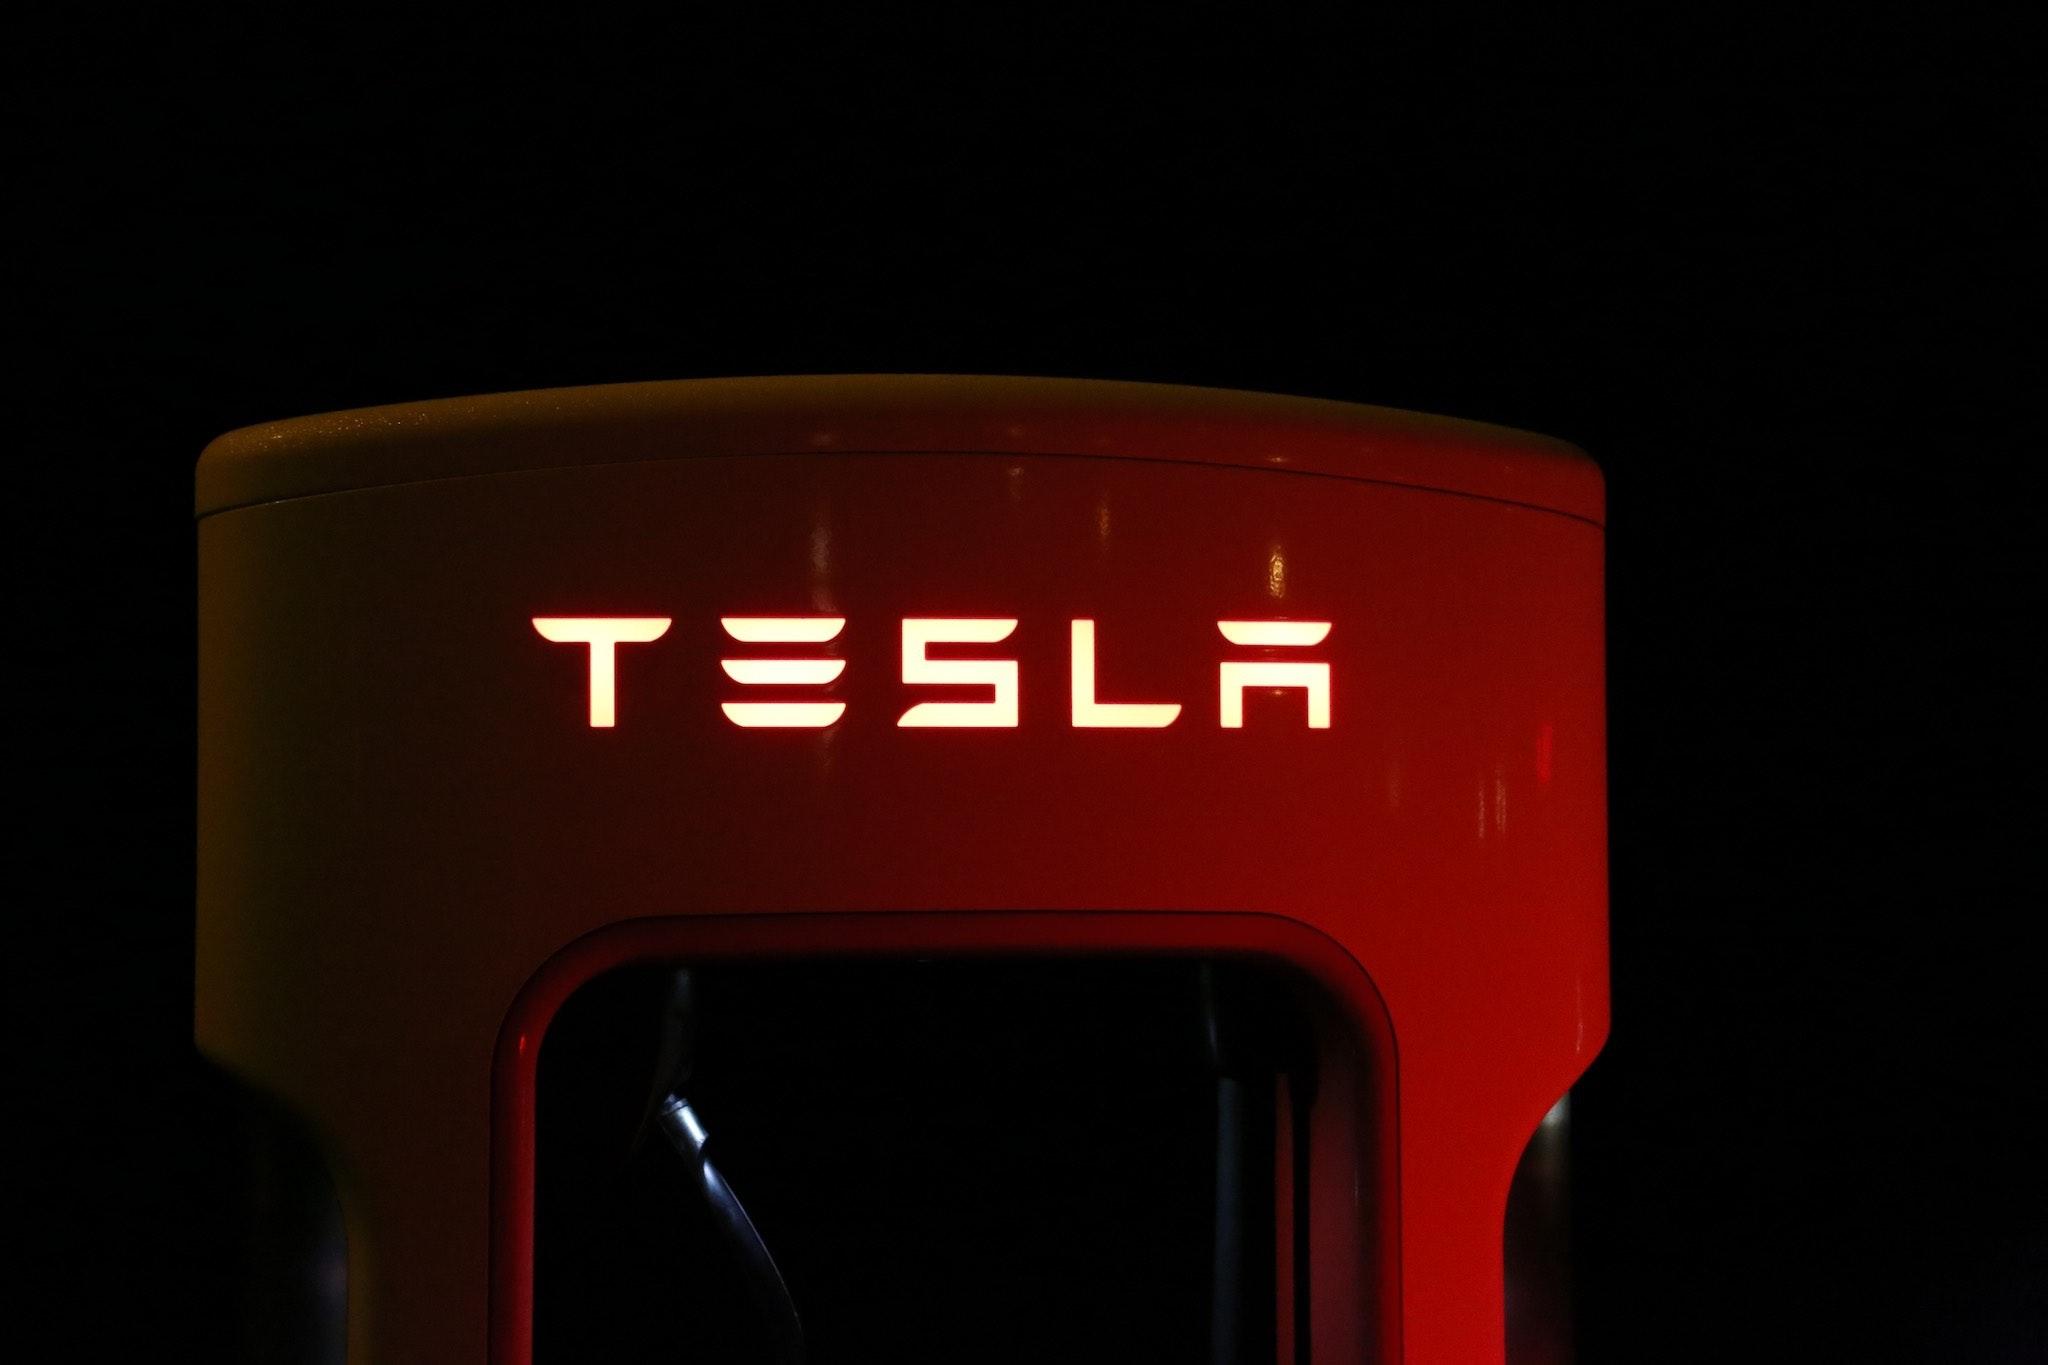 Tesla merket i rødt.